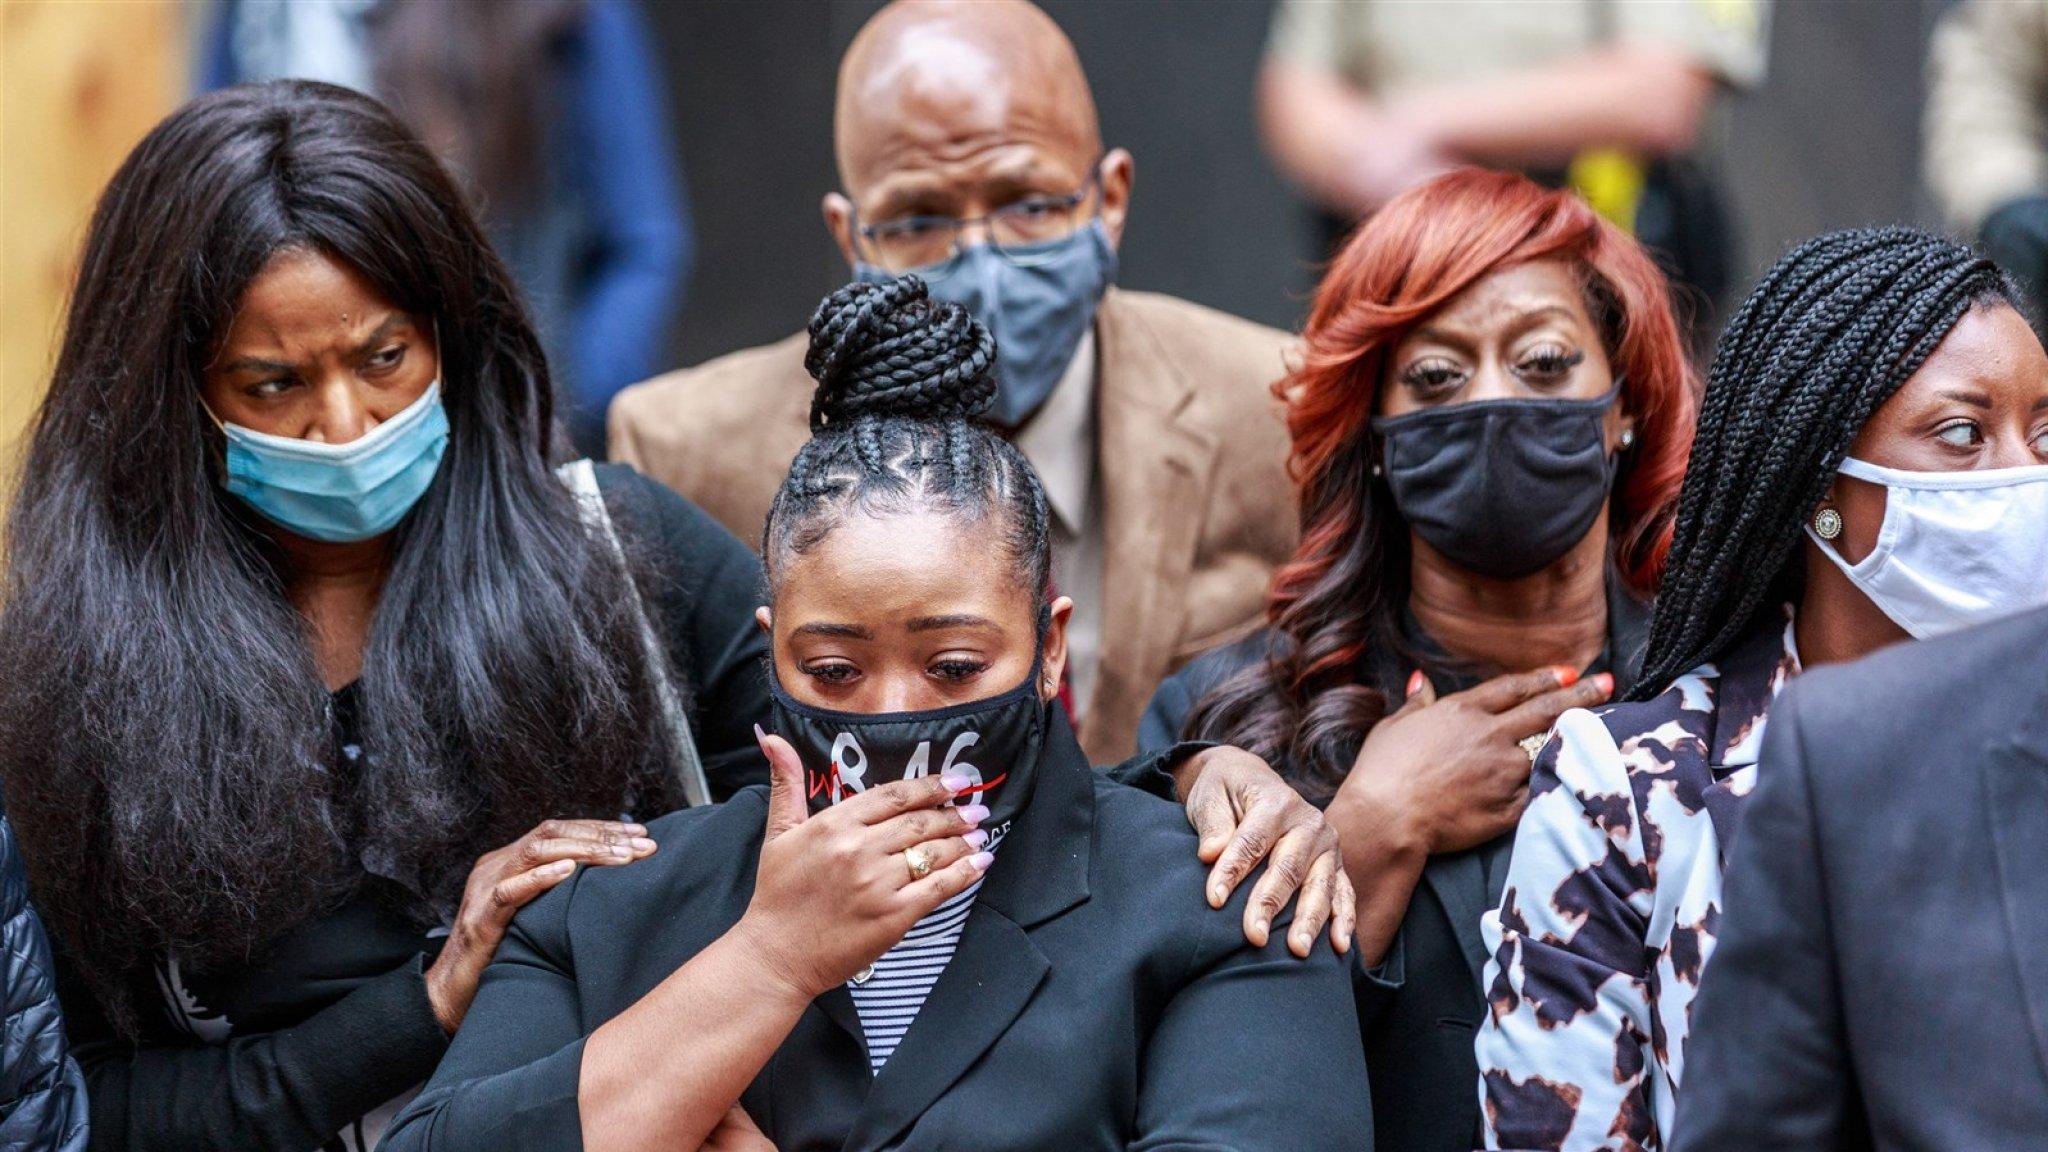 Familie bij arrestatie omgekomen George Floyd krijgt 27 miljoen - RTL Nieuws